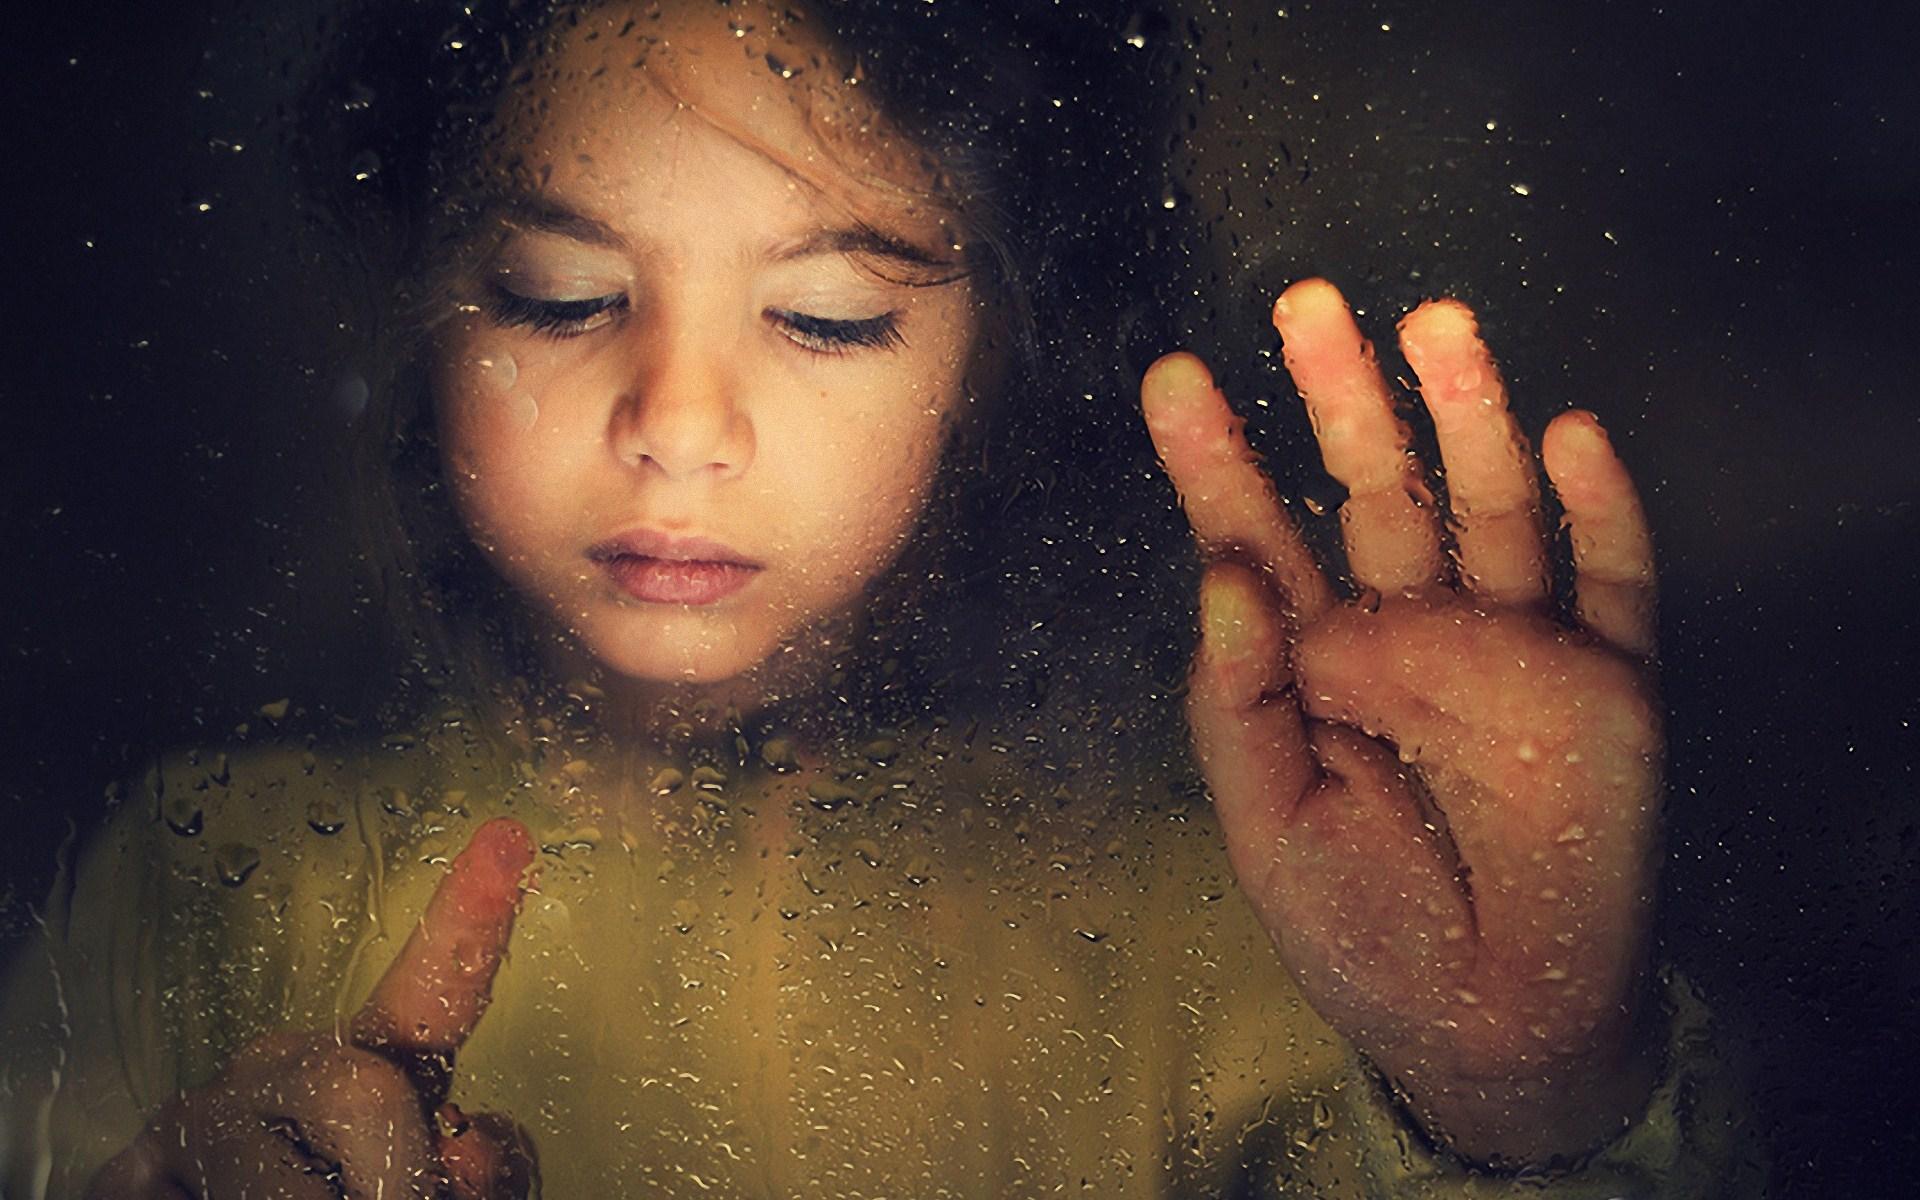 Foto: Violența din copilărie. Ce consecințe psihologice poate avea asupra copilului?